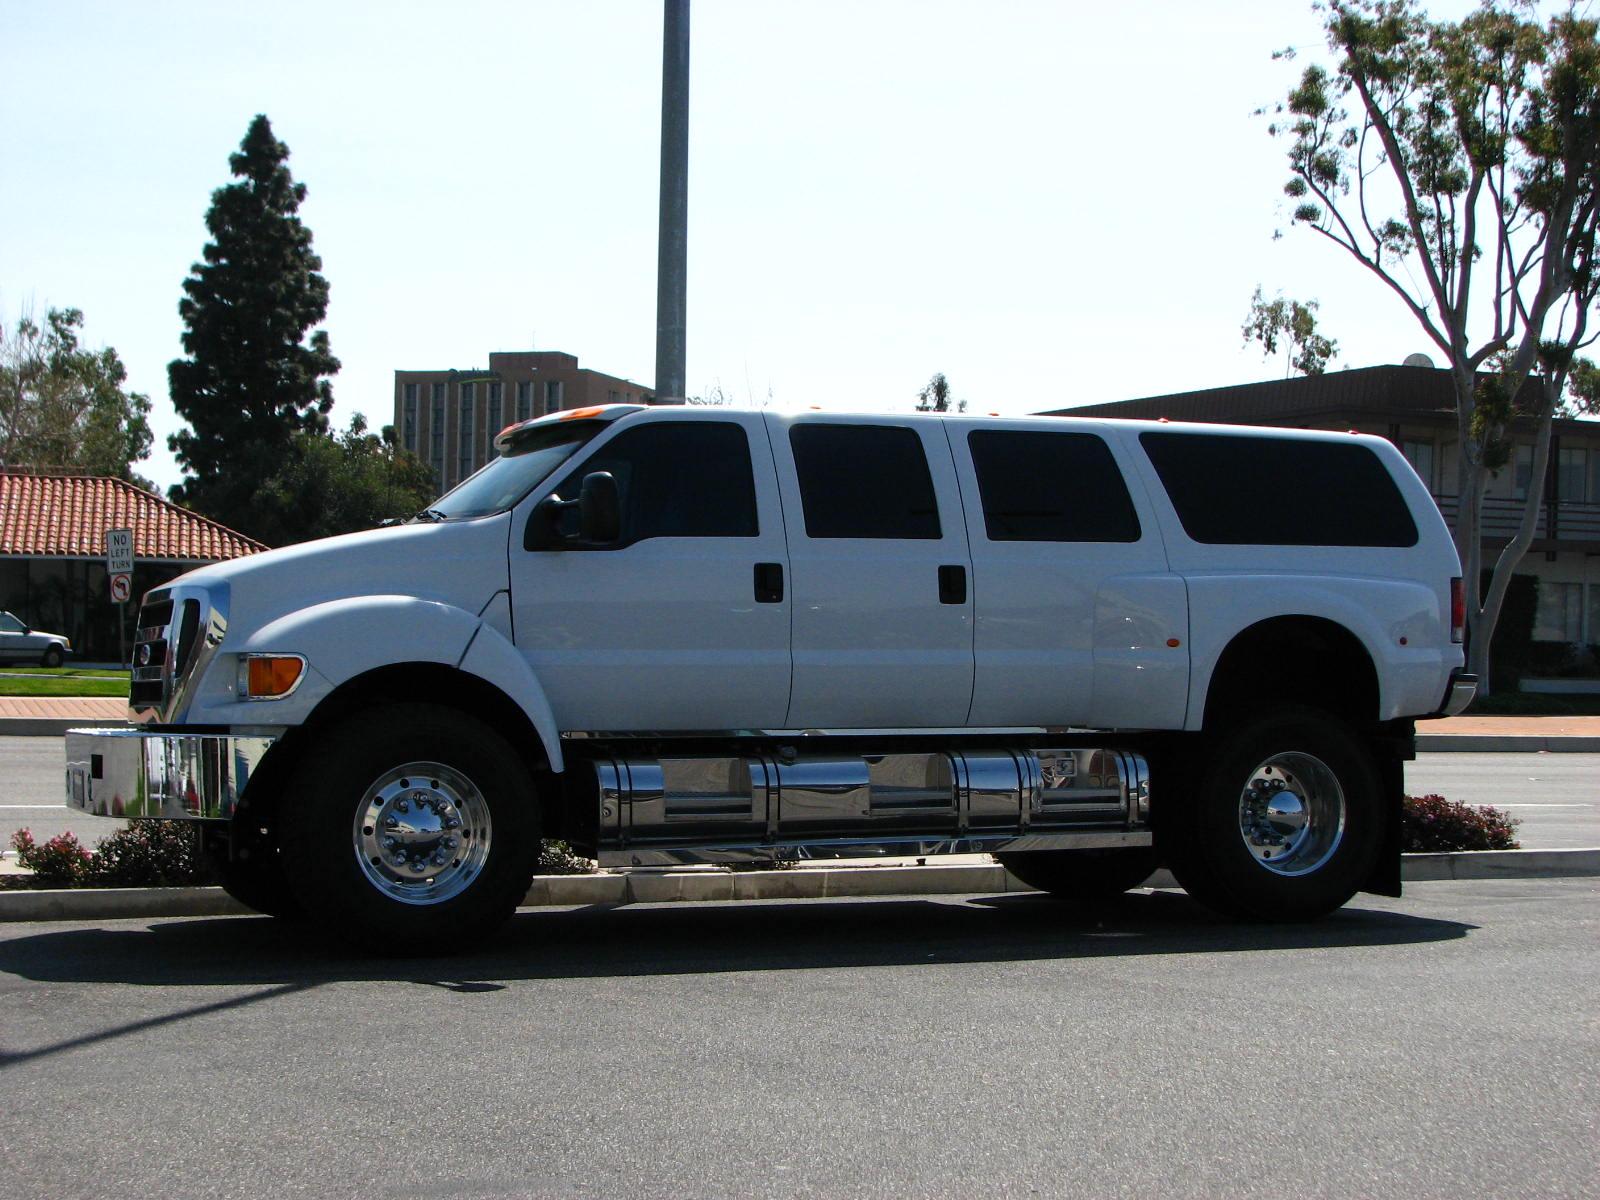 Ford F650 4x4 Truck